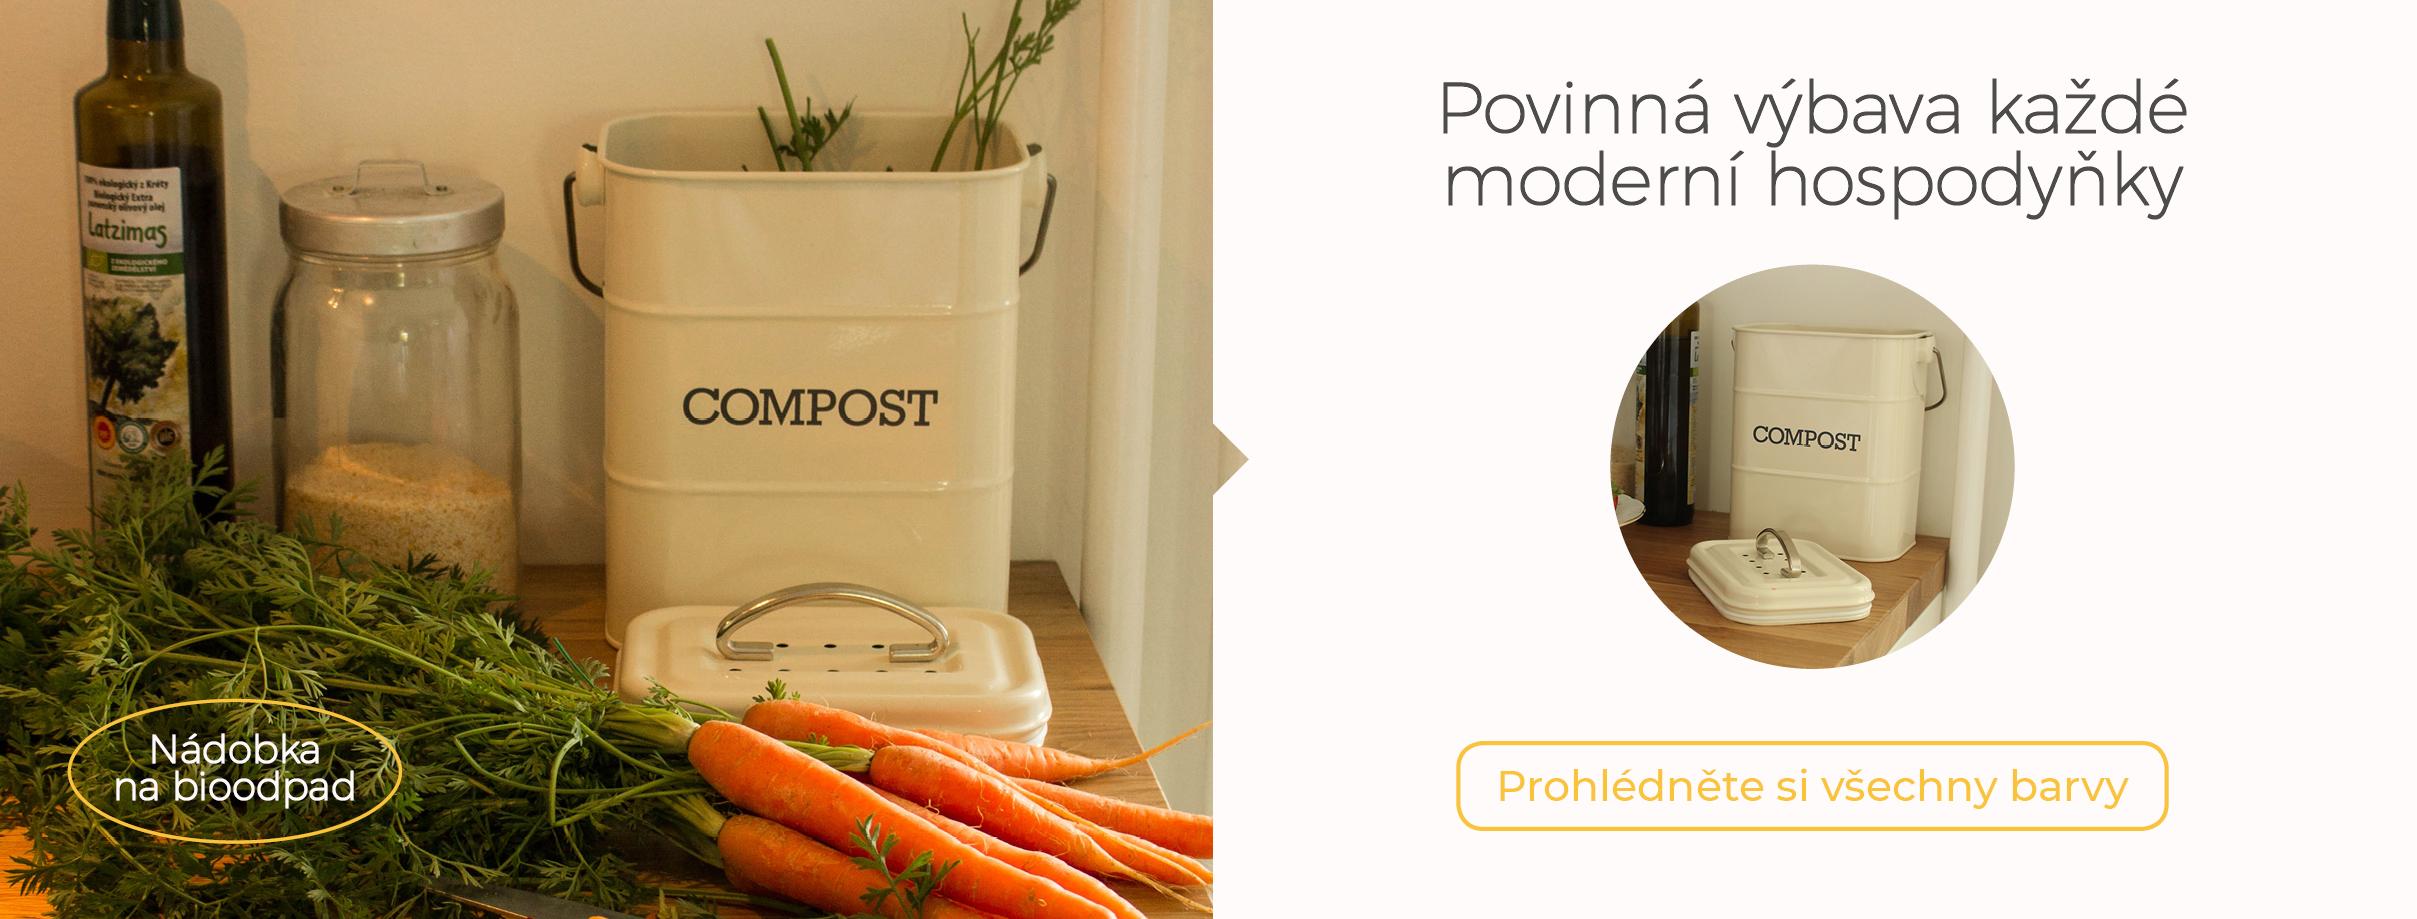 Plechová kompostovací nádoba na bioodpad z kuchyně